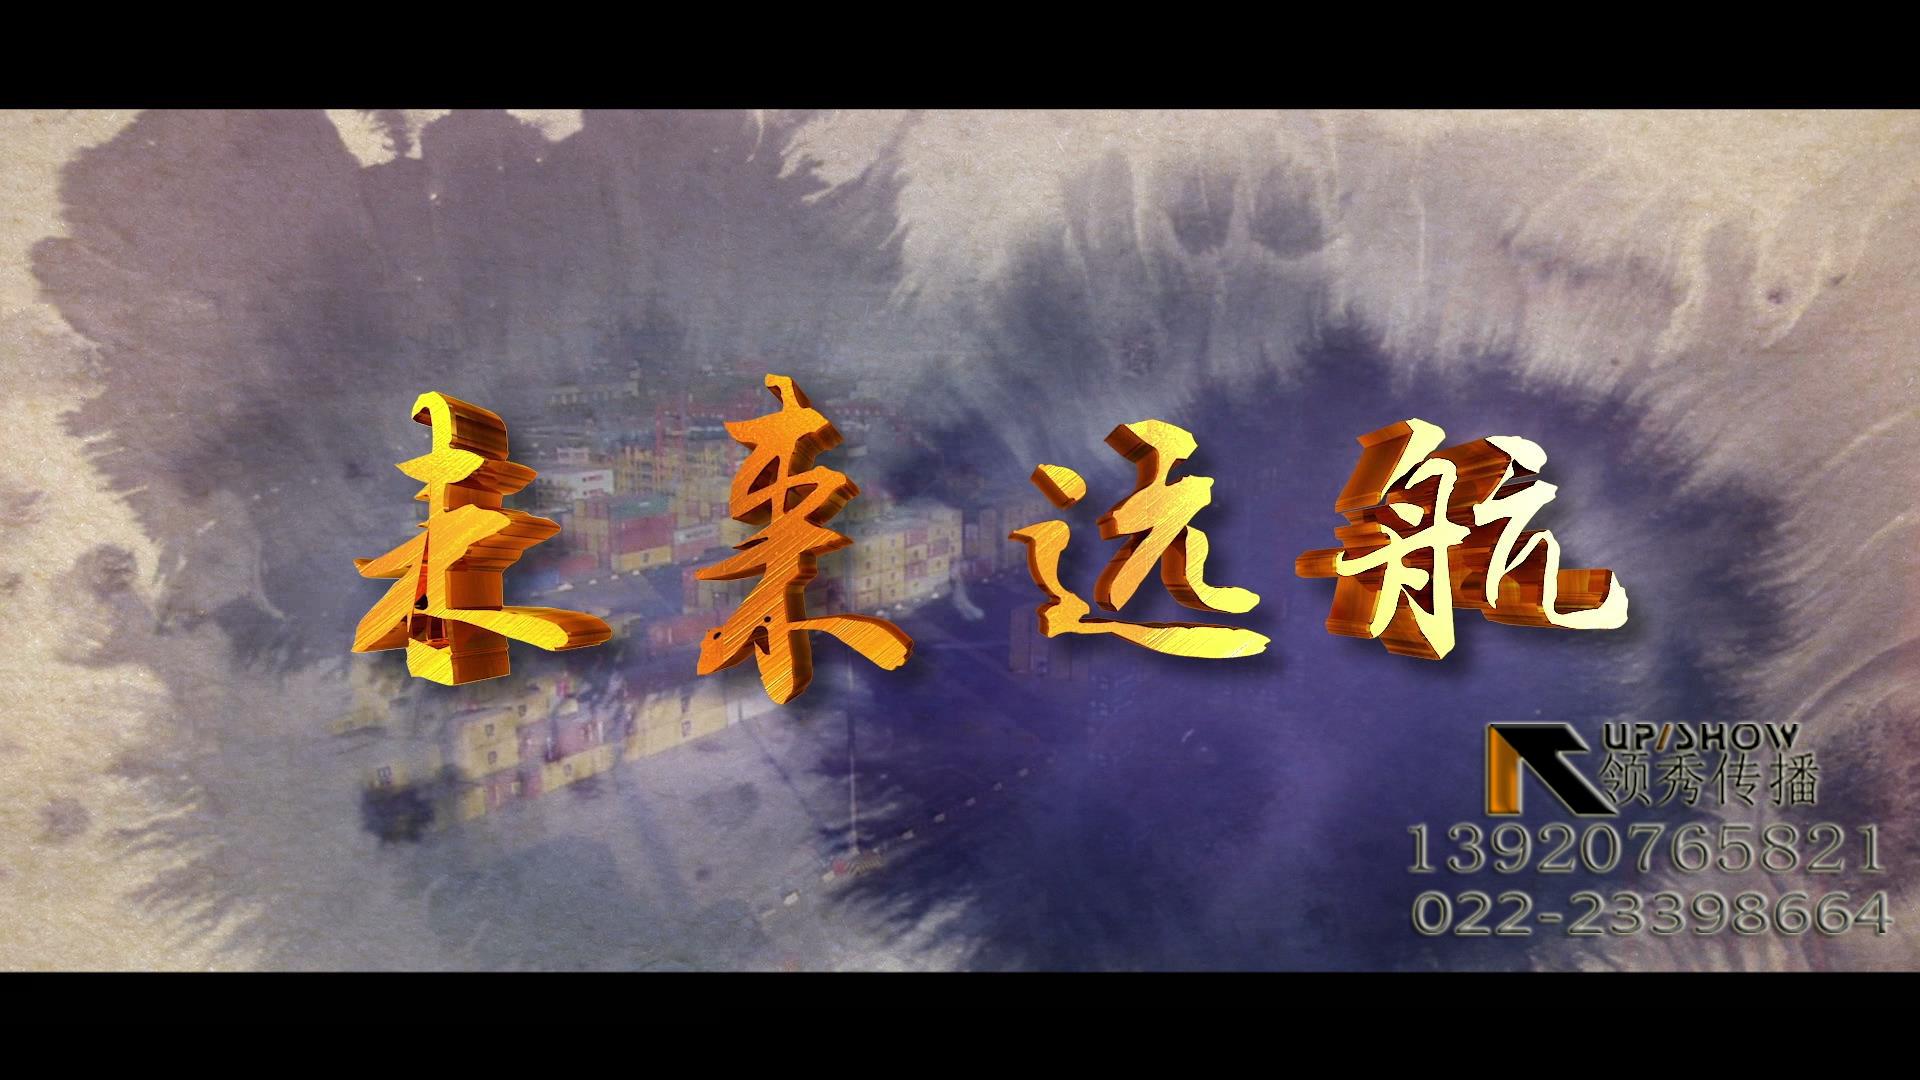 首行-tct10周年宣传片